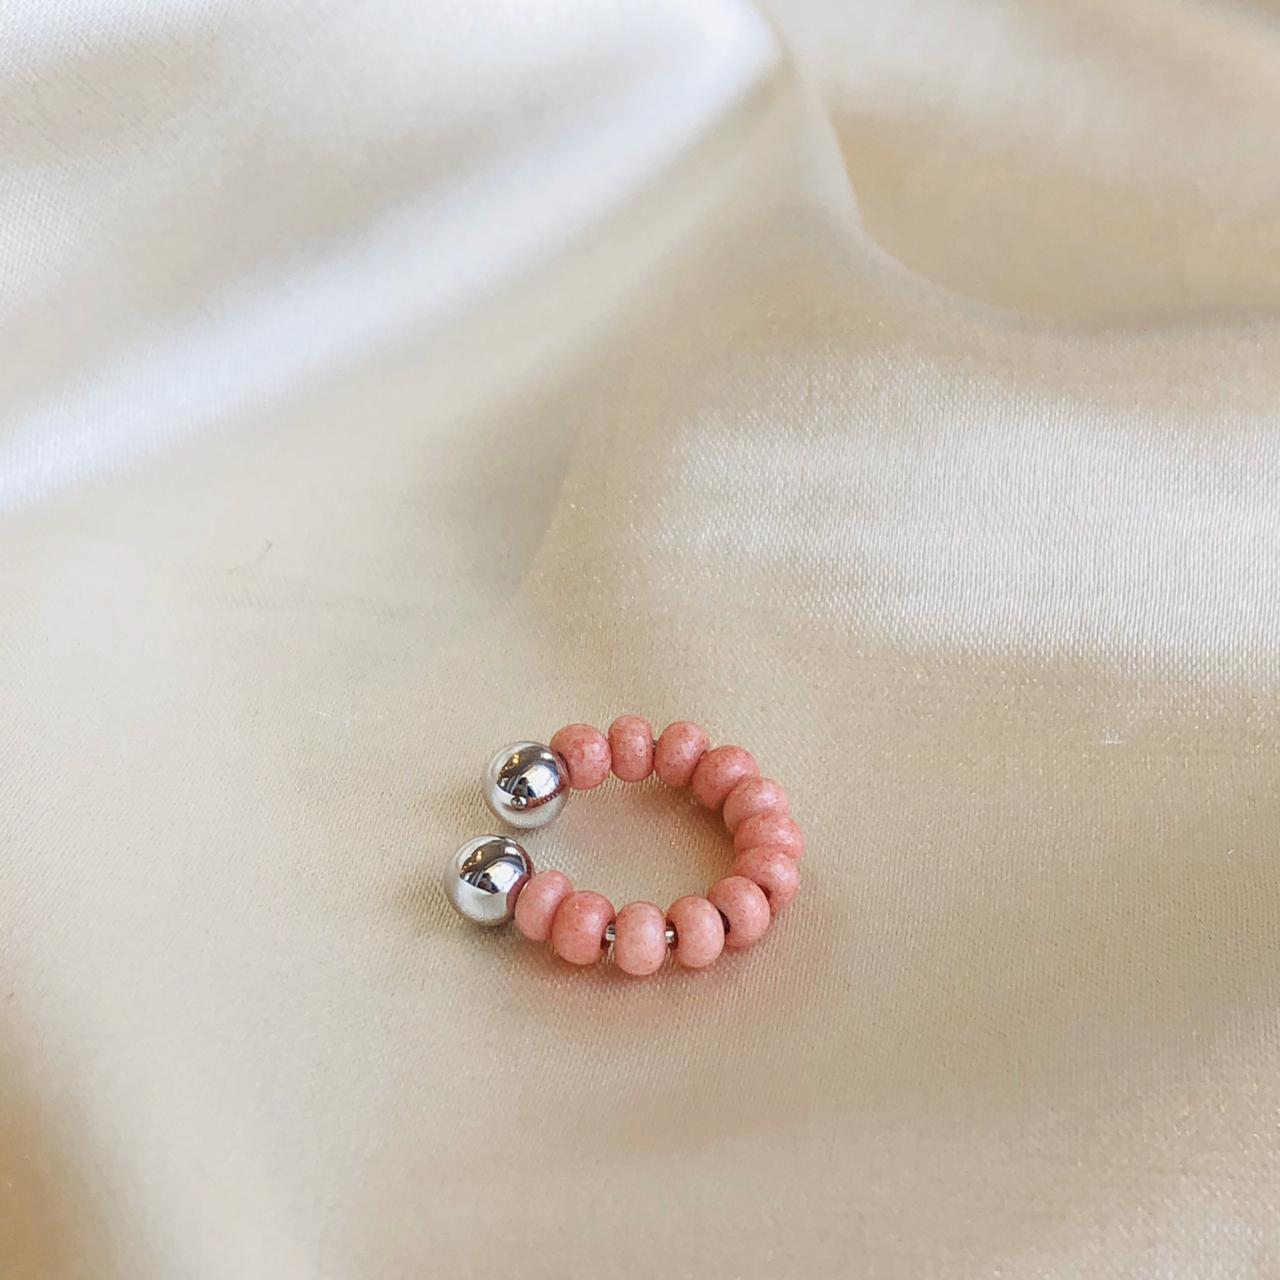 Piercing de Pressão Miçanga Rosê Banhado em  Ródio Branco